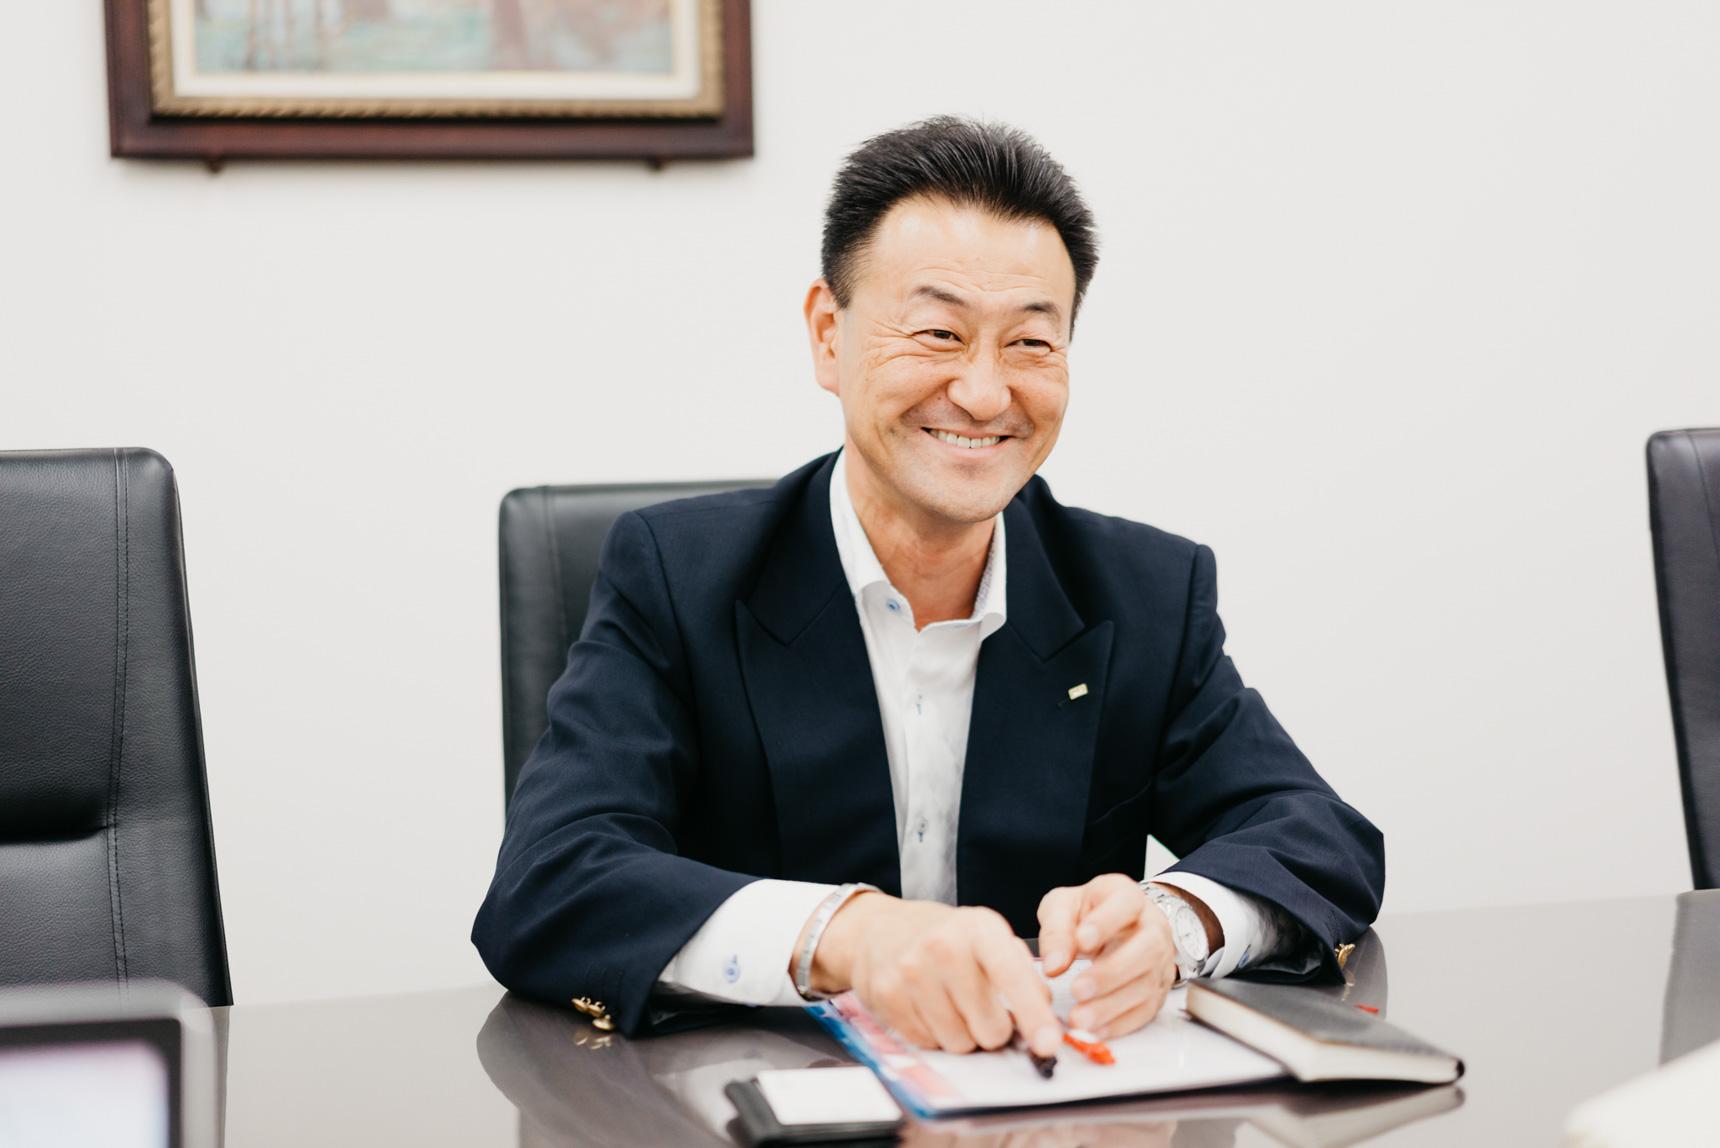 お話を聞かせてくださったのは、取締役 営業本部長の疋田良広さん。